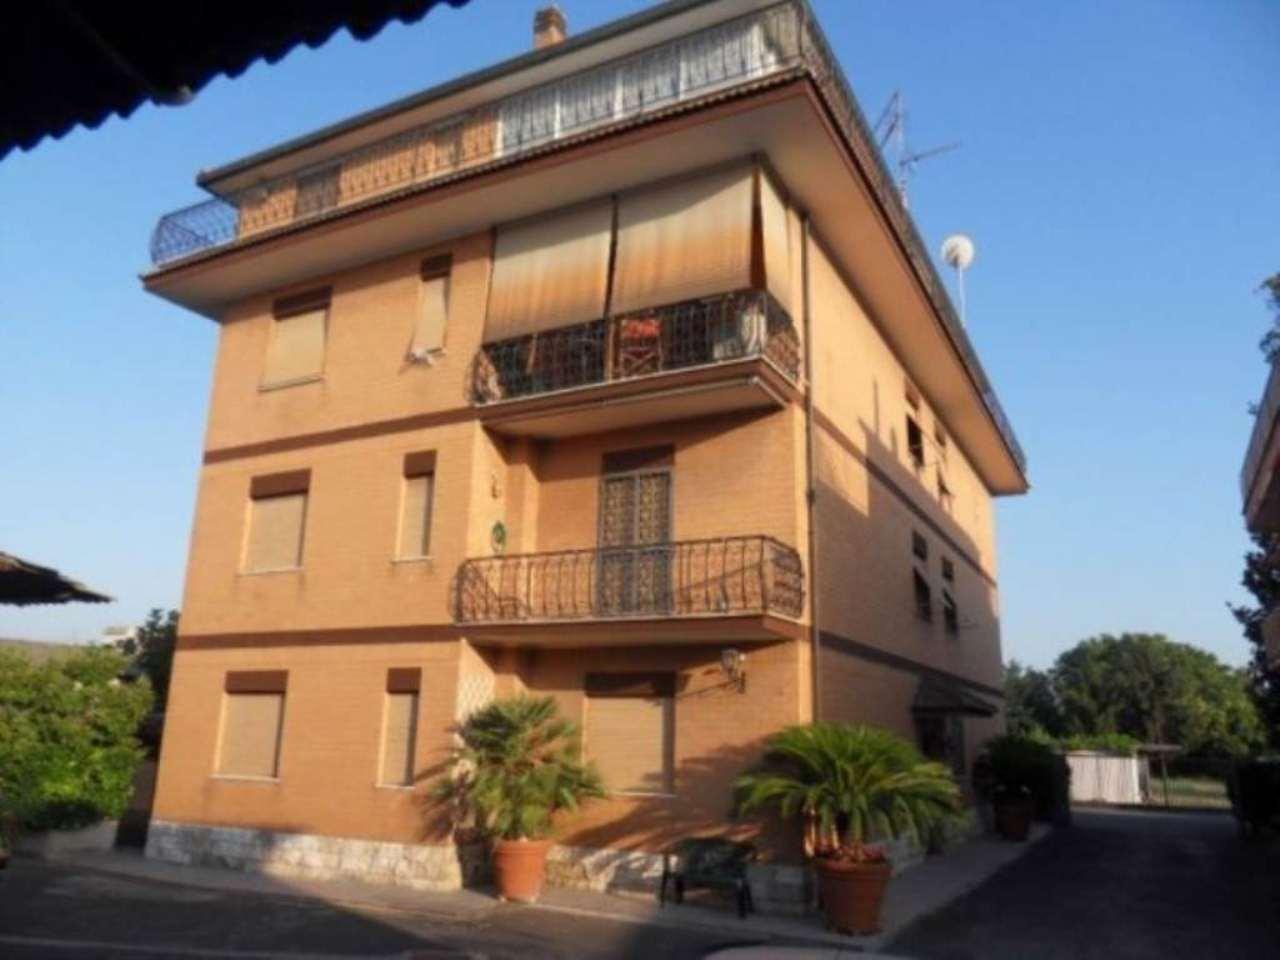 Palazzo / Stabile in vendita a Roma, 6 locali, zona Zona: 34 . Bufalotta, Sette Bagni, Casal Boccone, Casale Monastero, Settecamini, prezzo € 1.200.000 | Cambio Casa.it